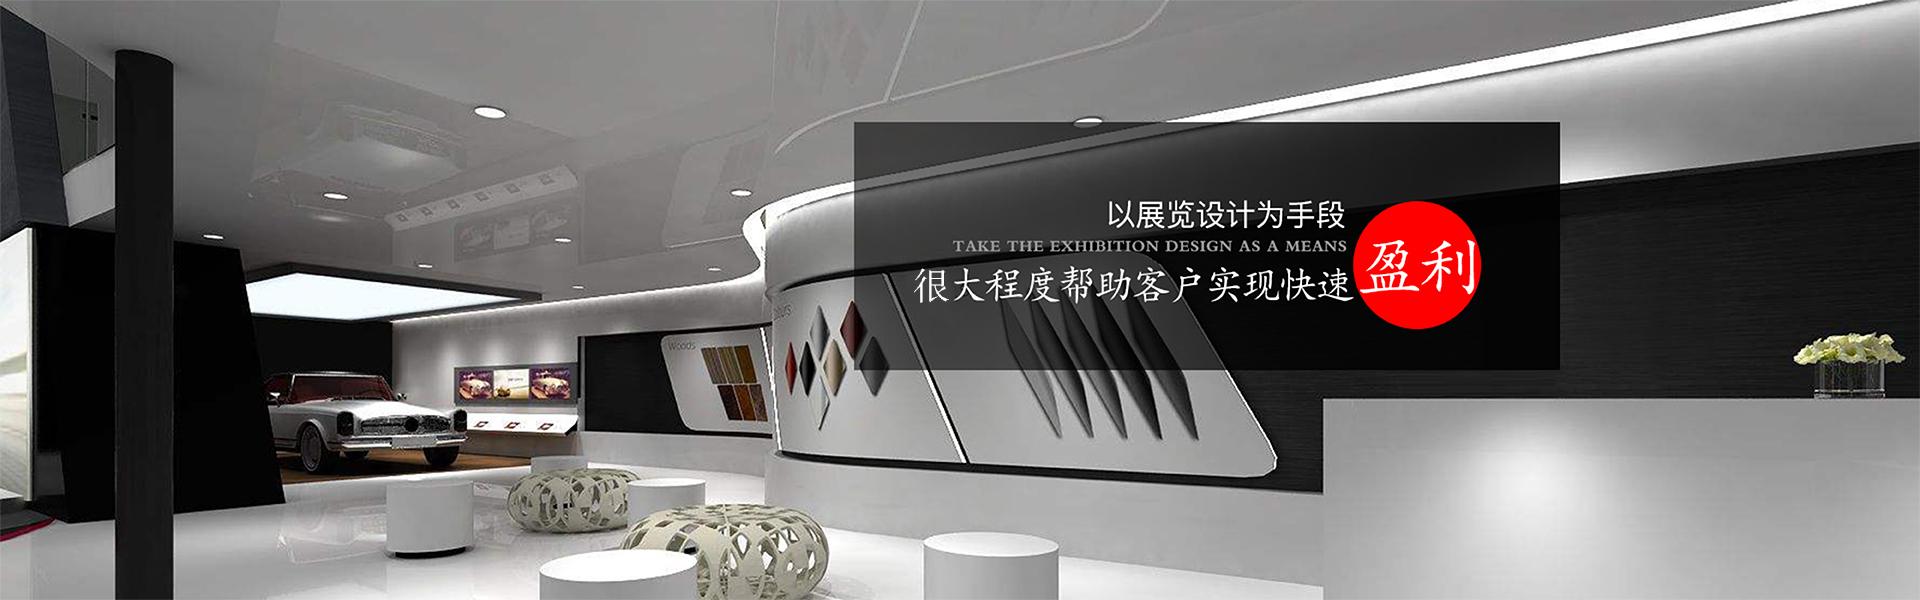 广州展览搭建